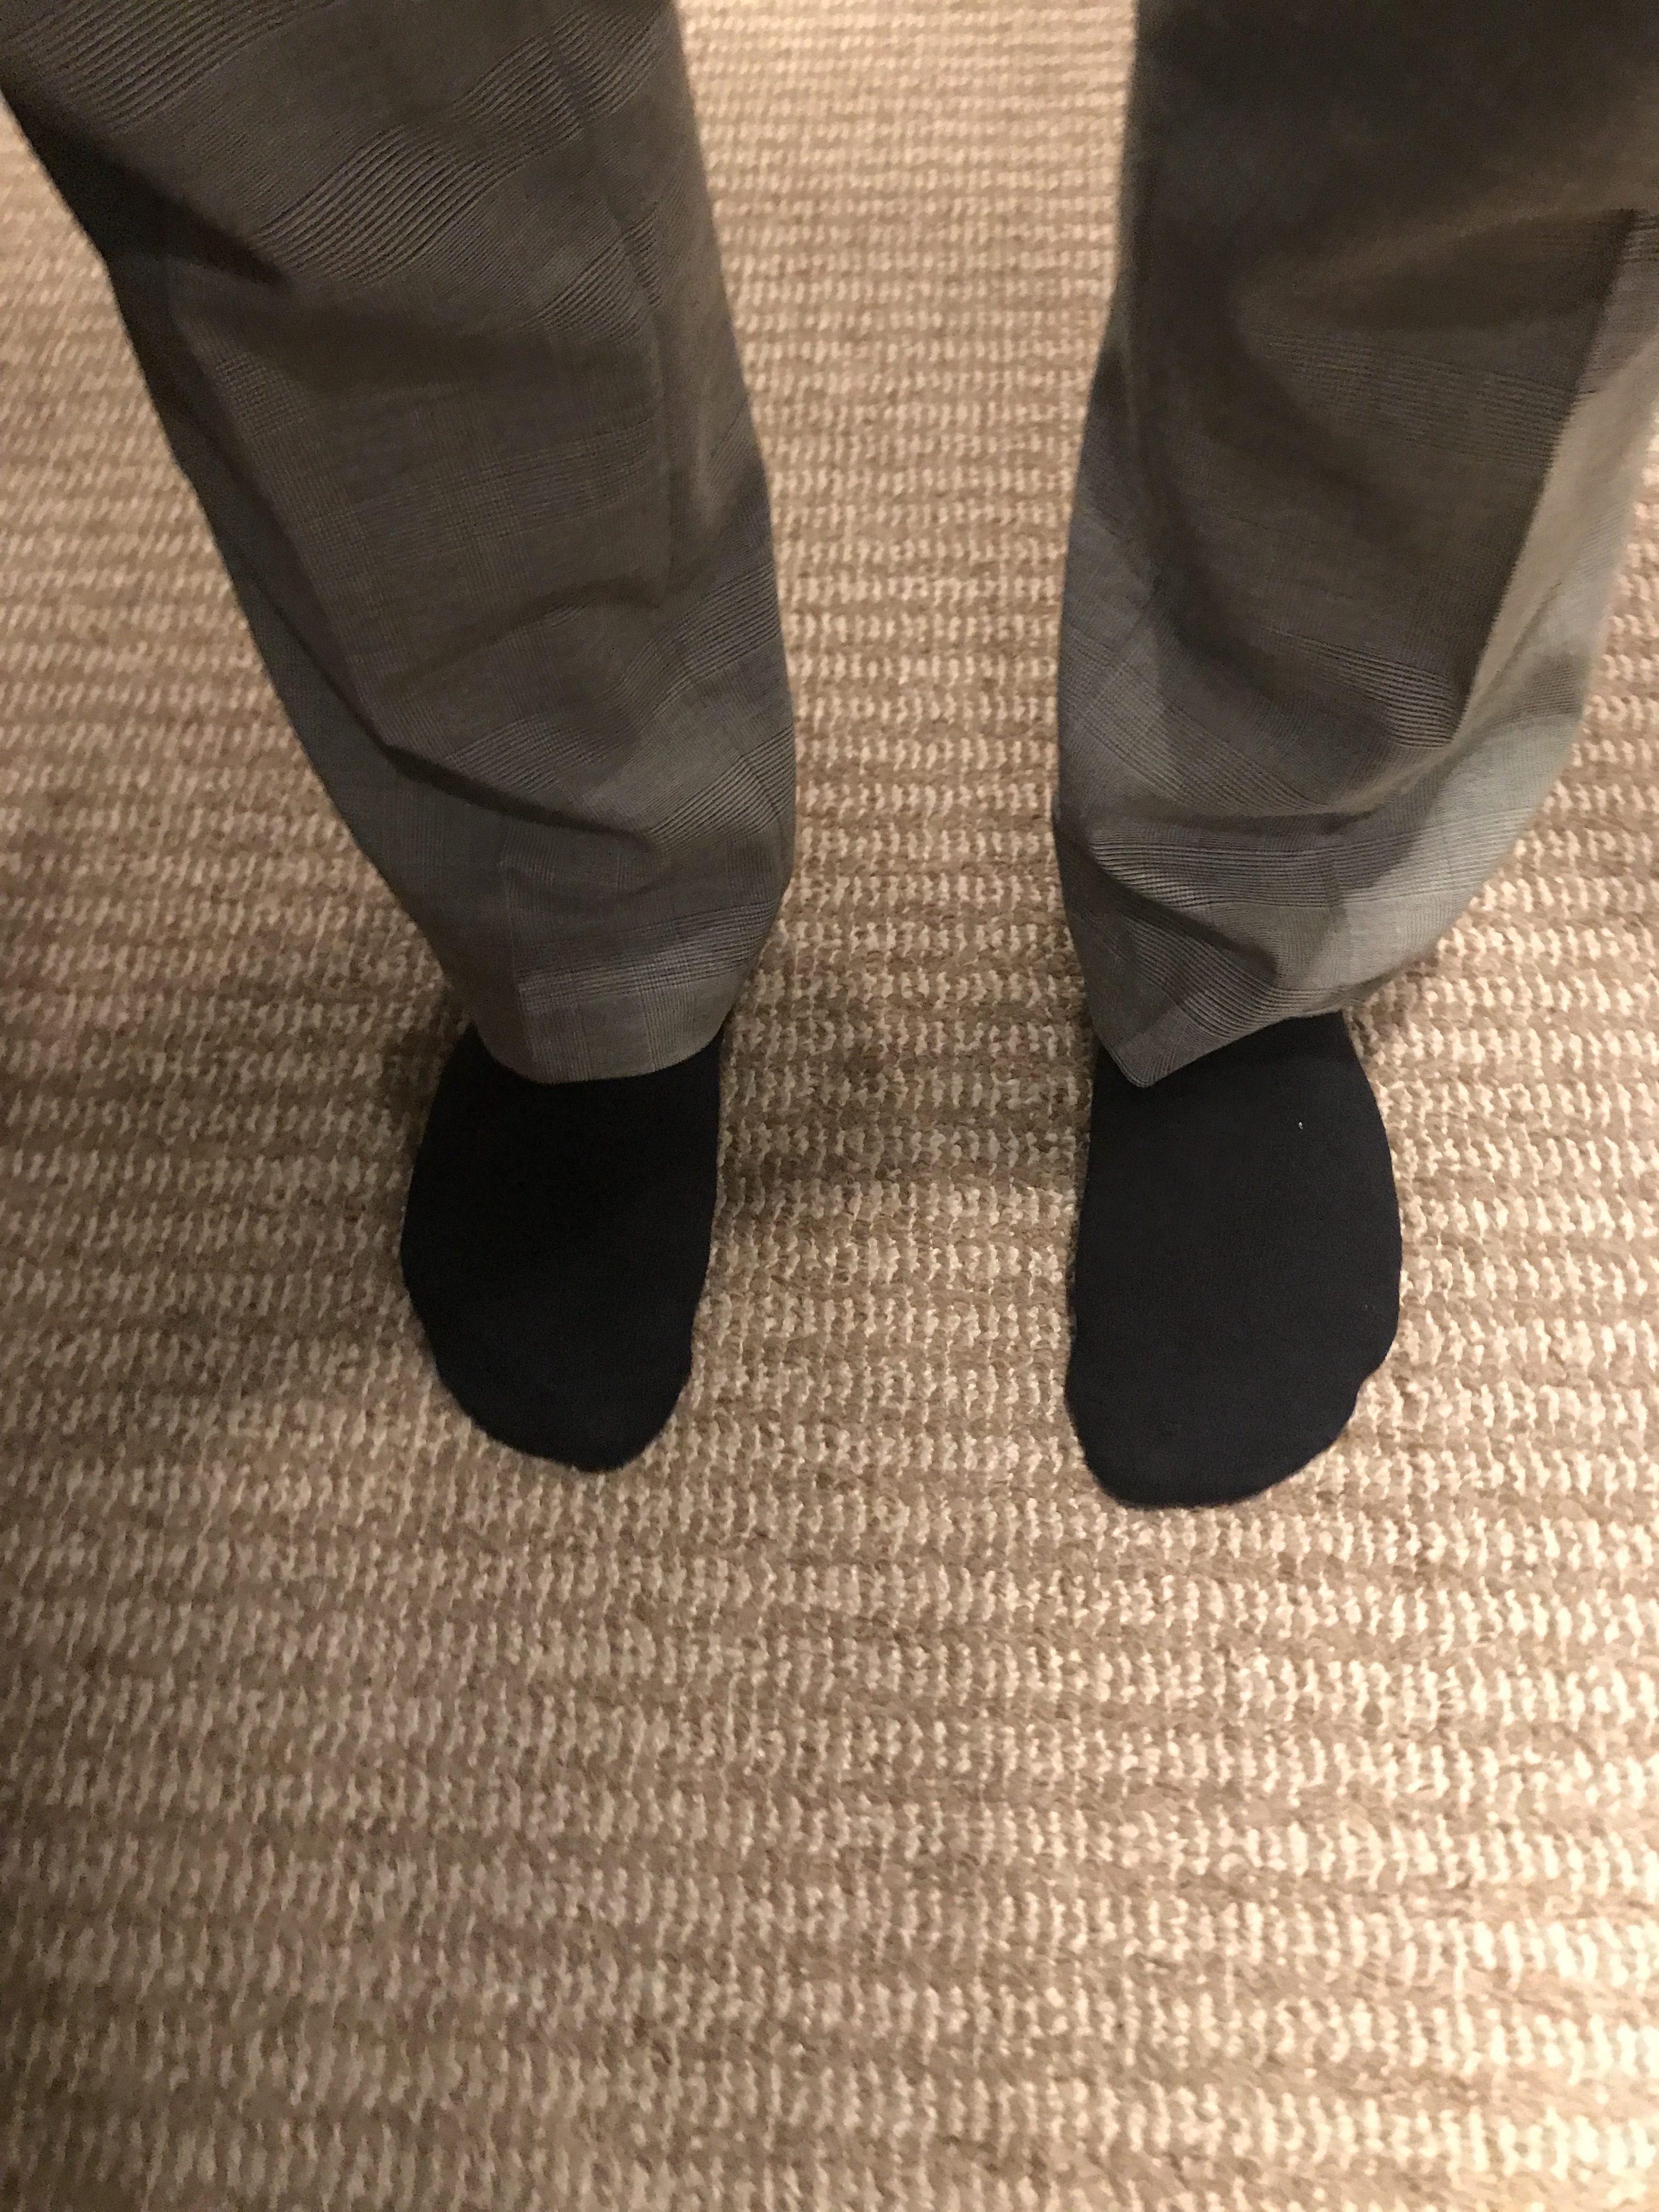 腰痛(ヘルニア)の原因は足のアーチの低下だった話 千川・要町在住の方の症例